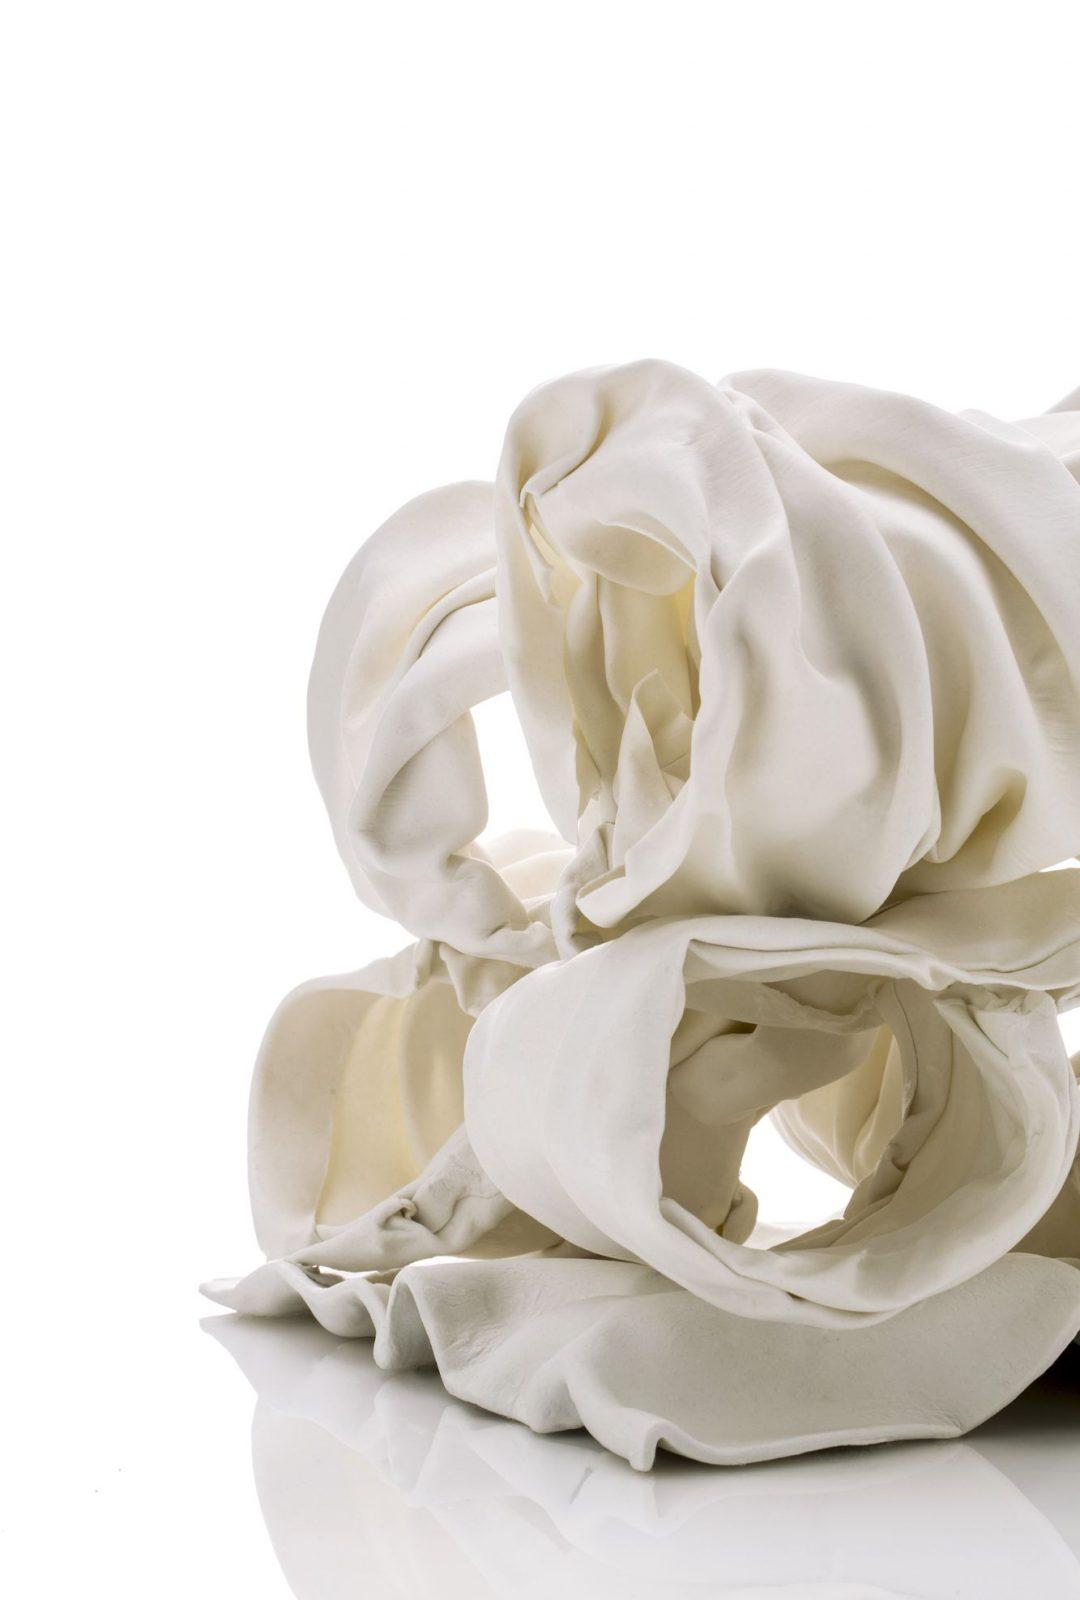 http://schlagenhauf-ceramique.com/wp-content/uploads/2018/02/Daniela-Serie-_giroussens-2018-I2B9919-1080x1600.jpg